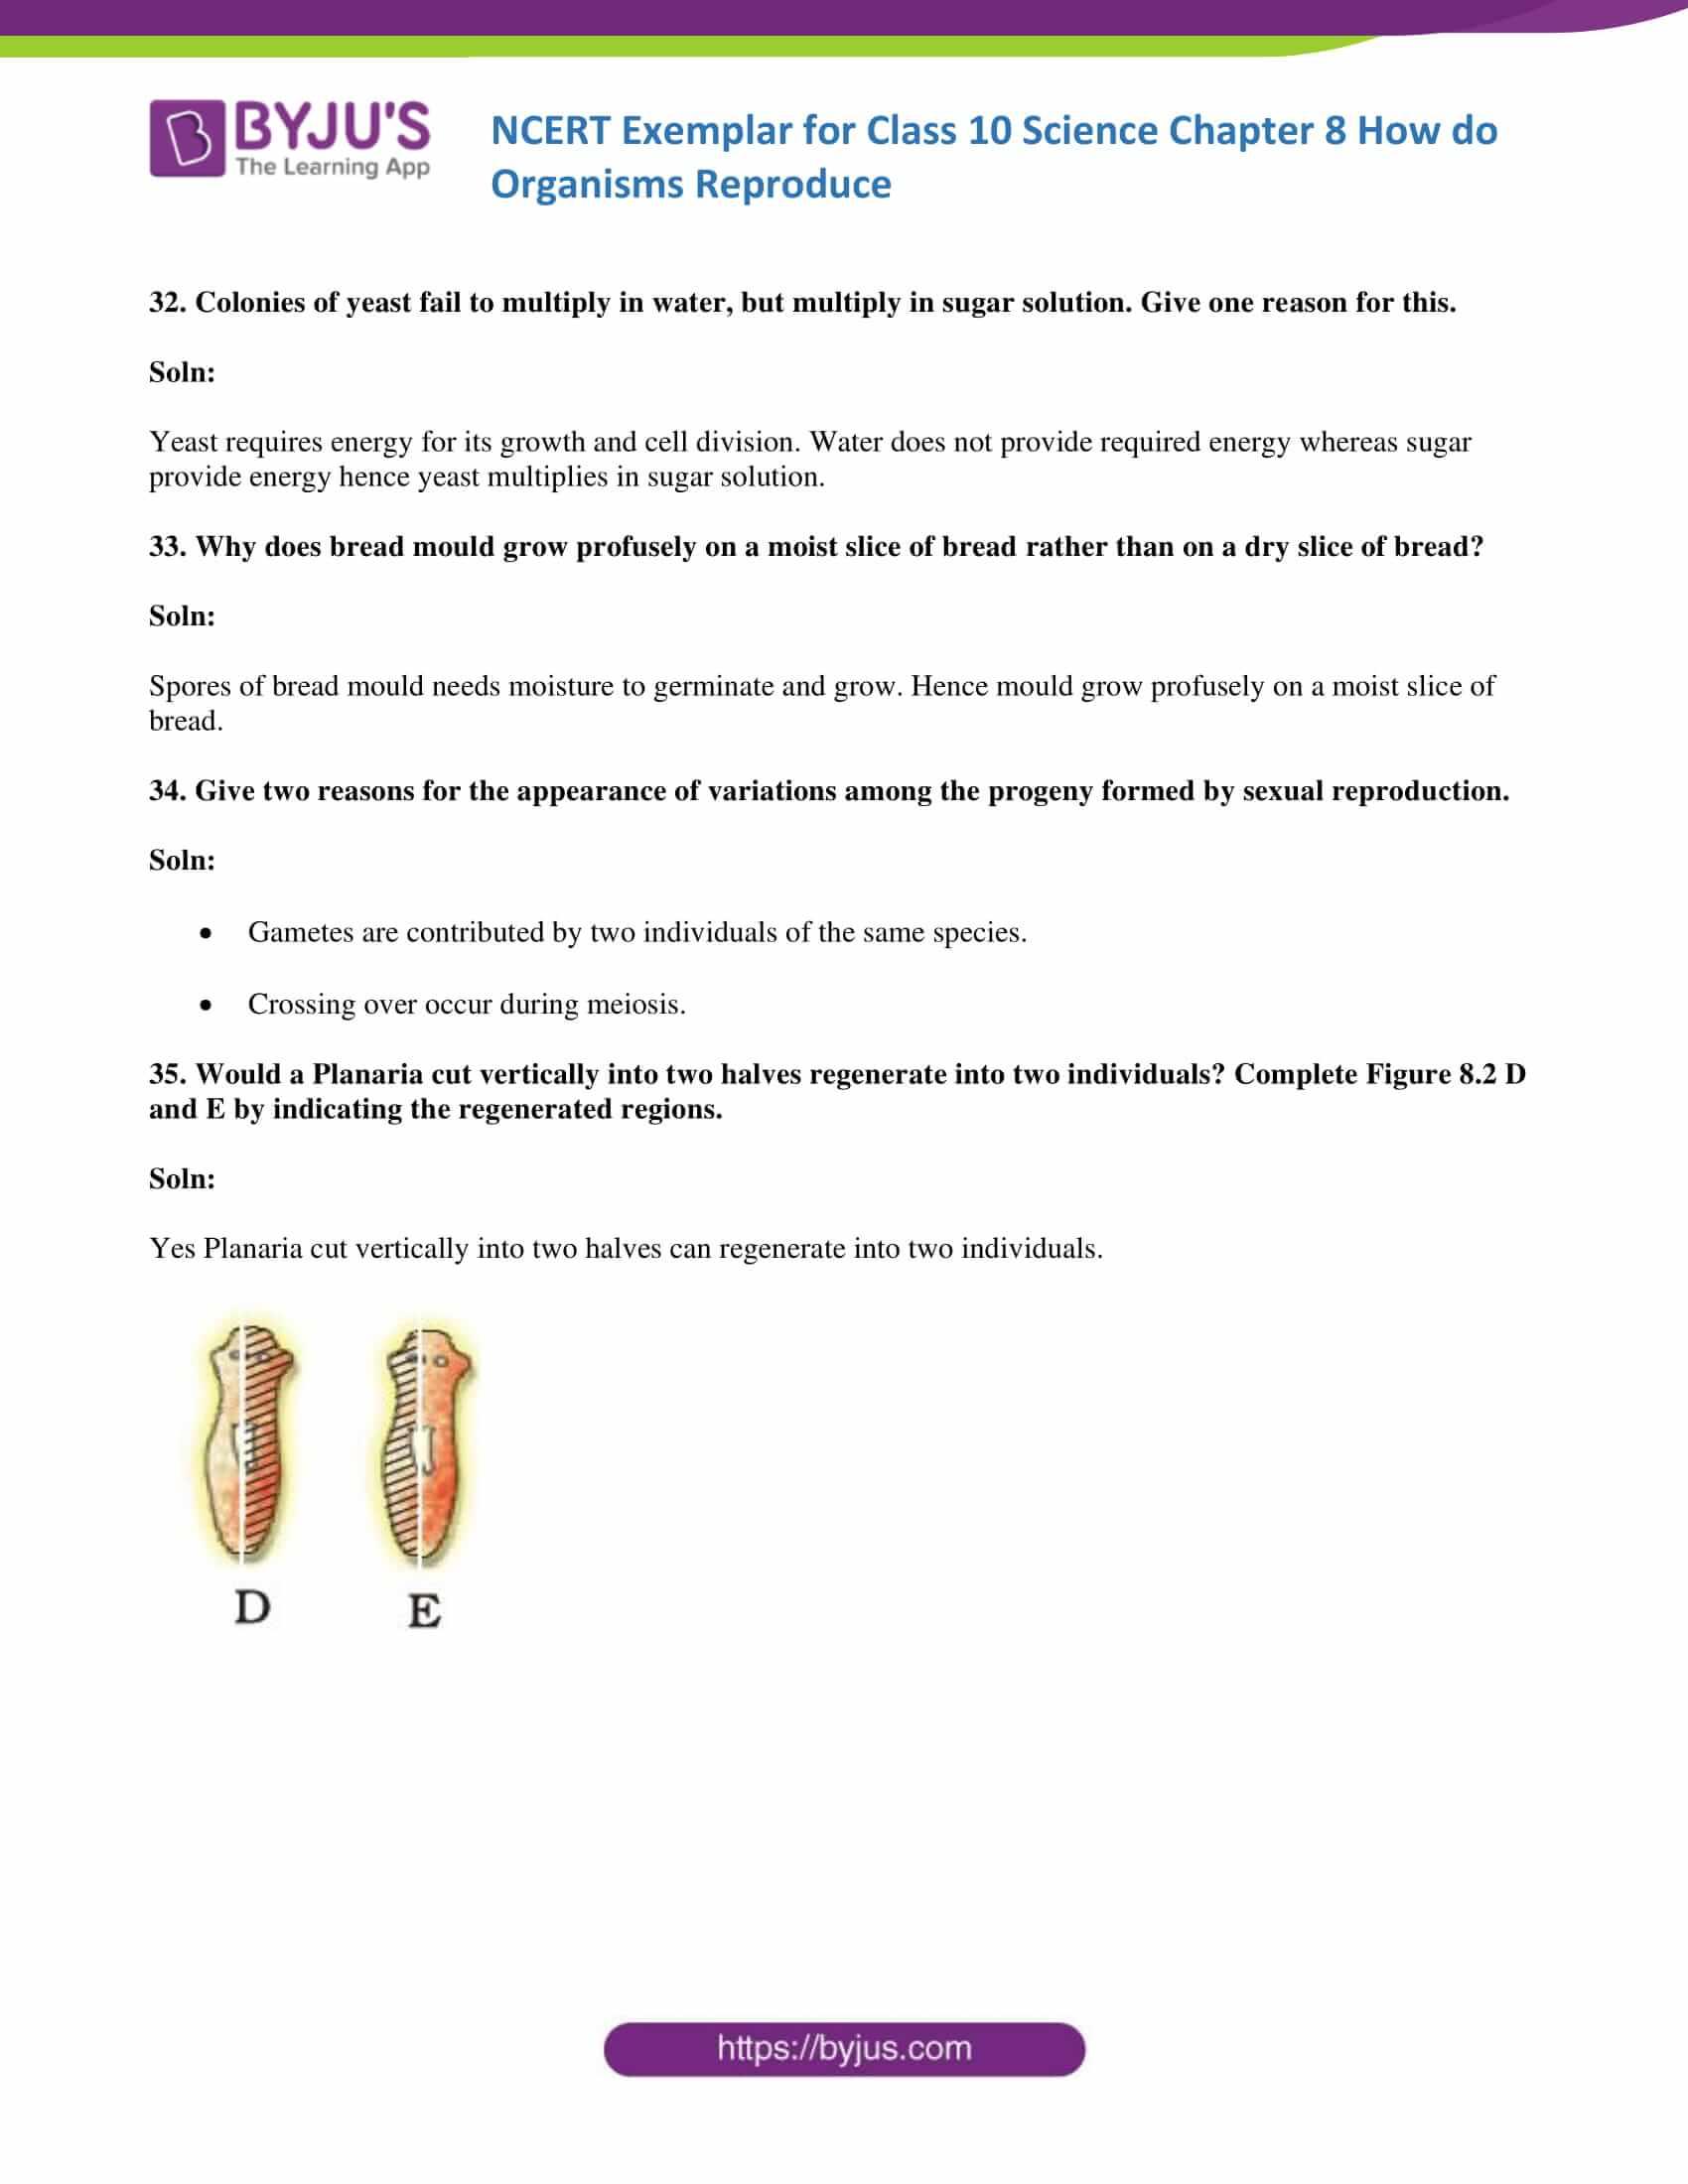 NCERT Exemplar solution class 10 Science Chapter 8 part 11